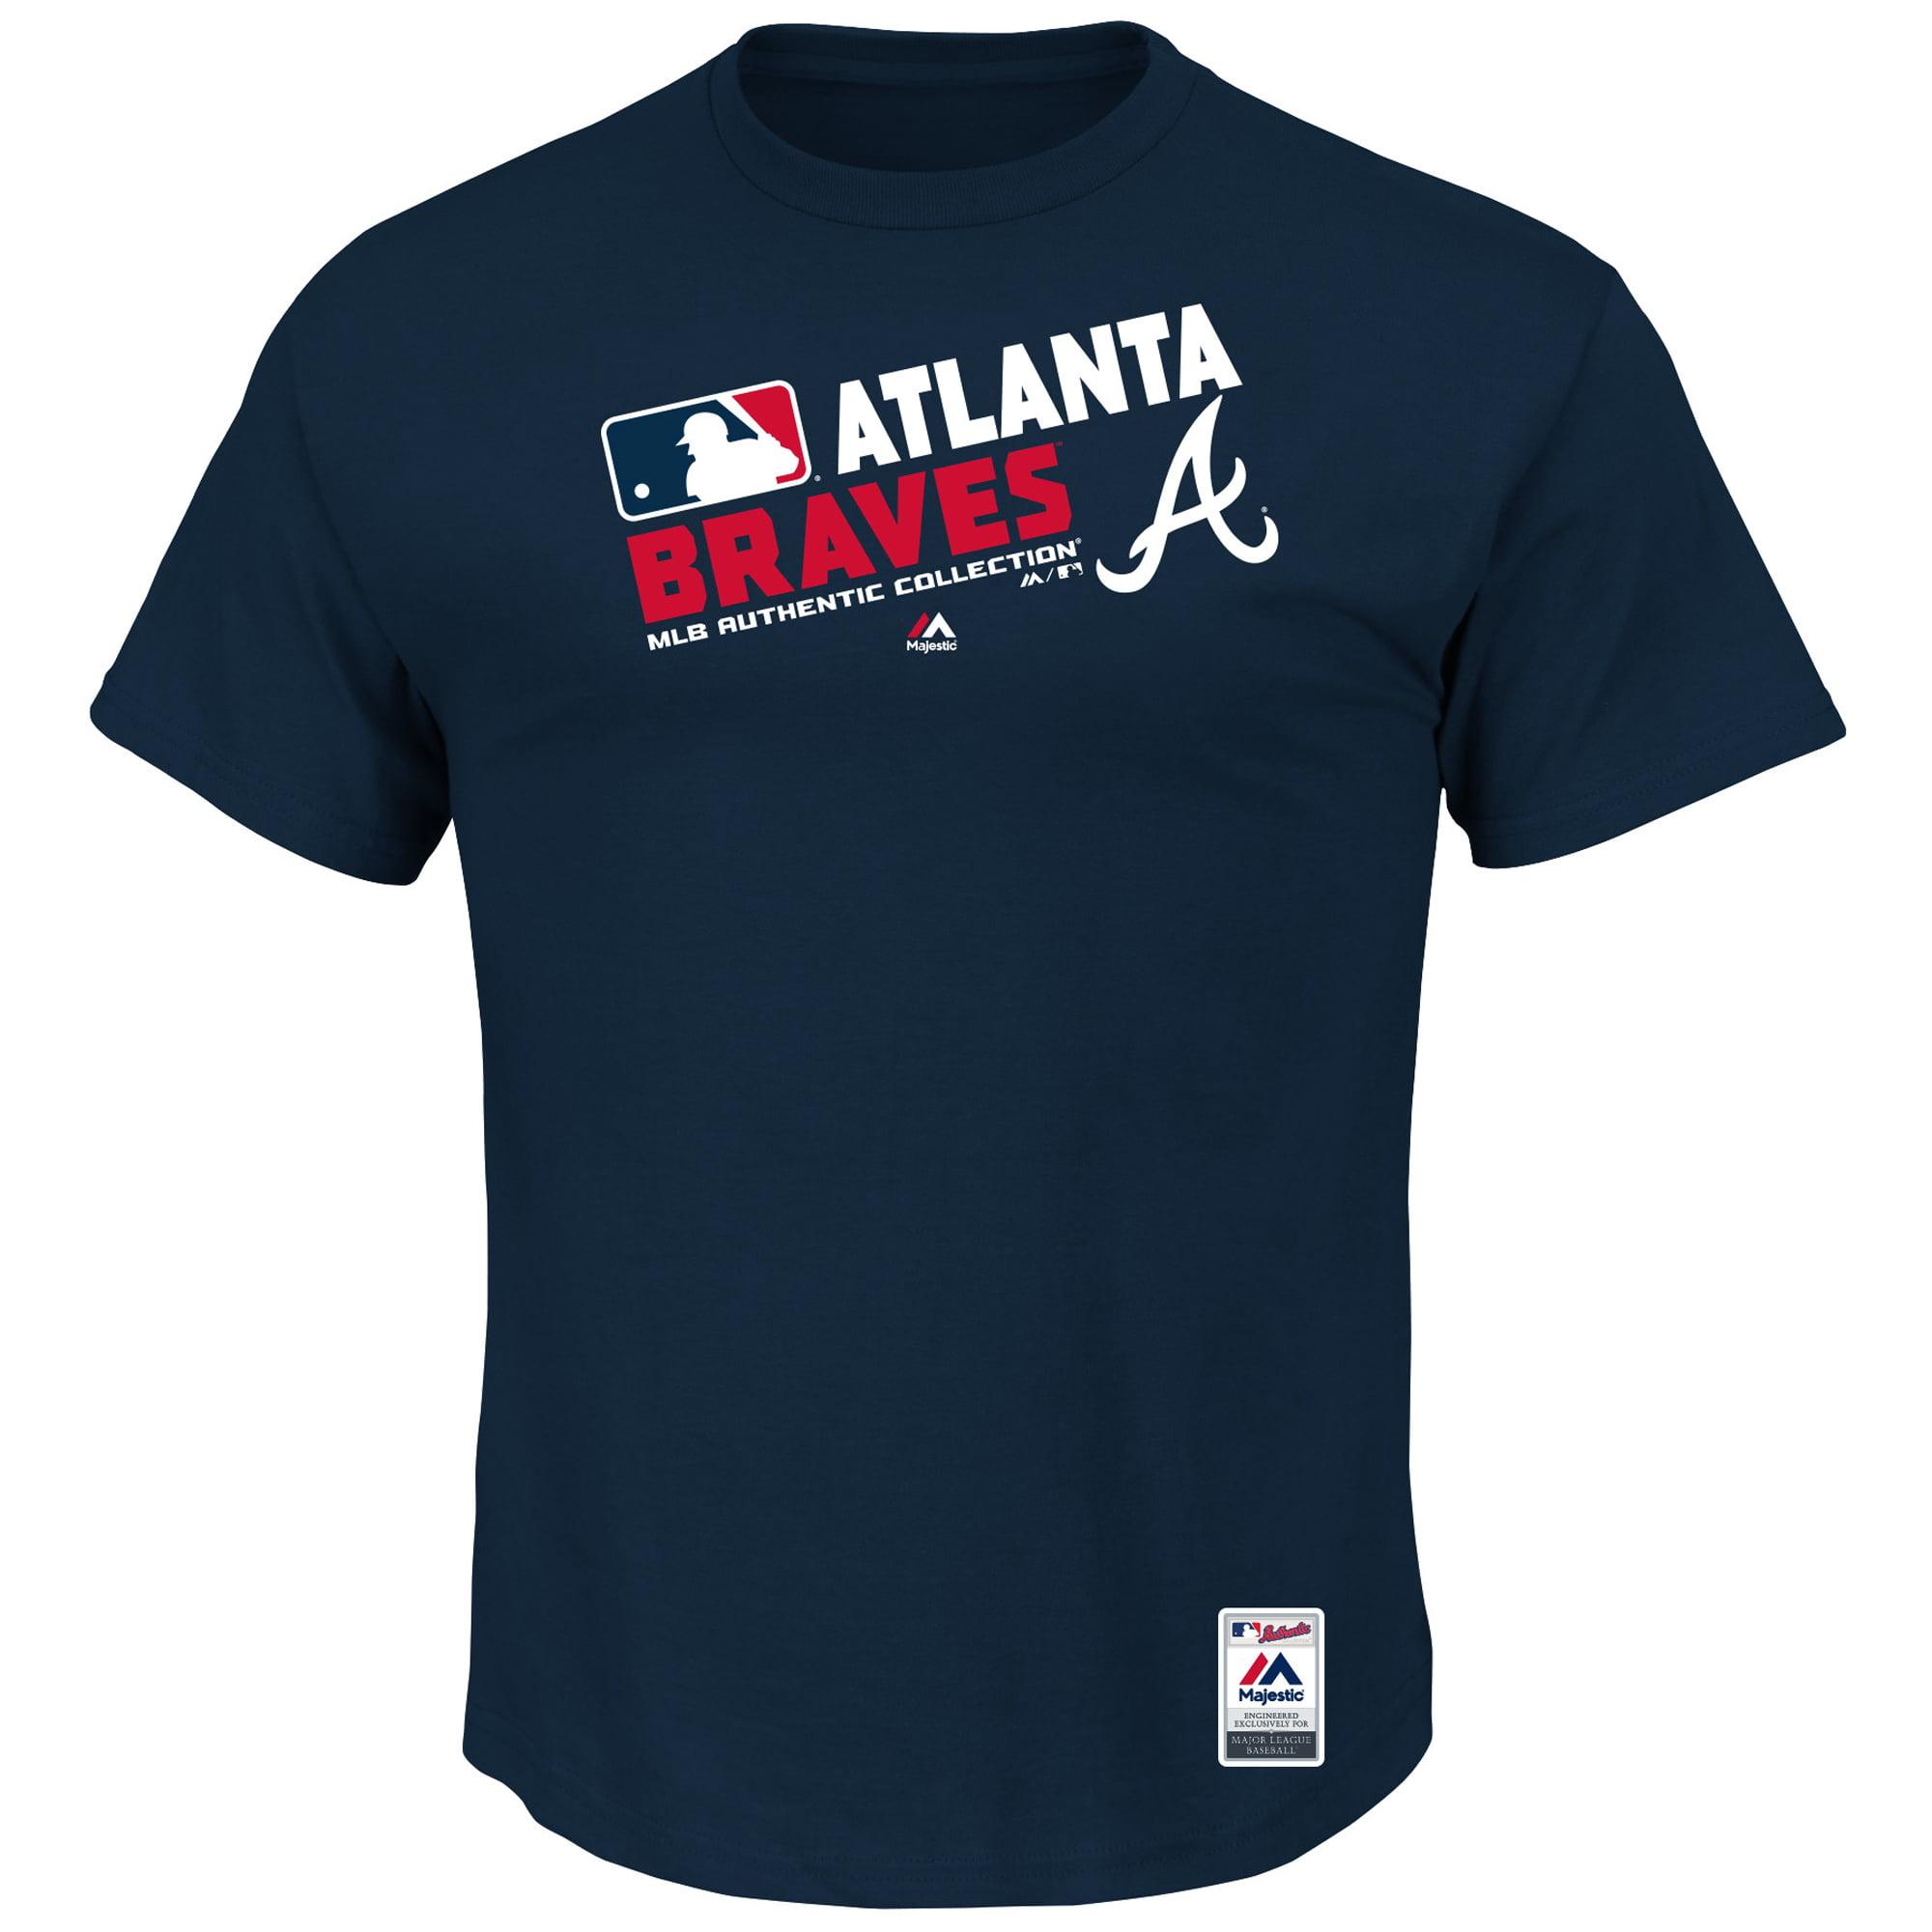 Atlanta Braves Majestic Team Choice T-Shirt - Navy